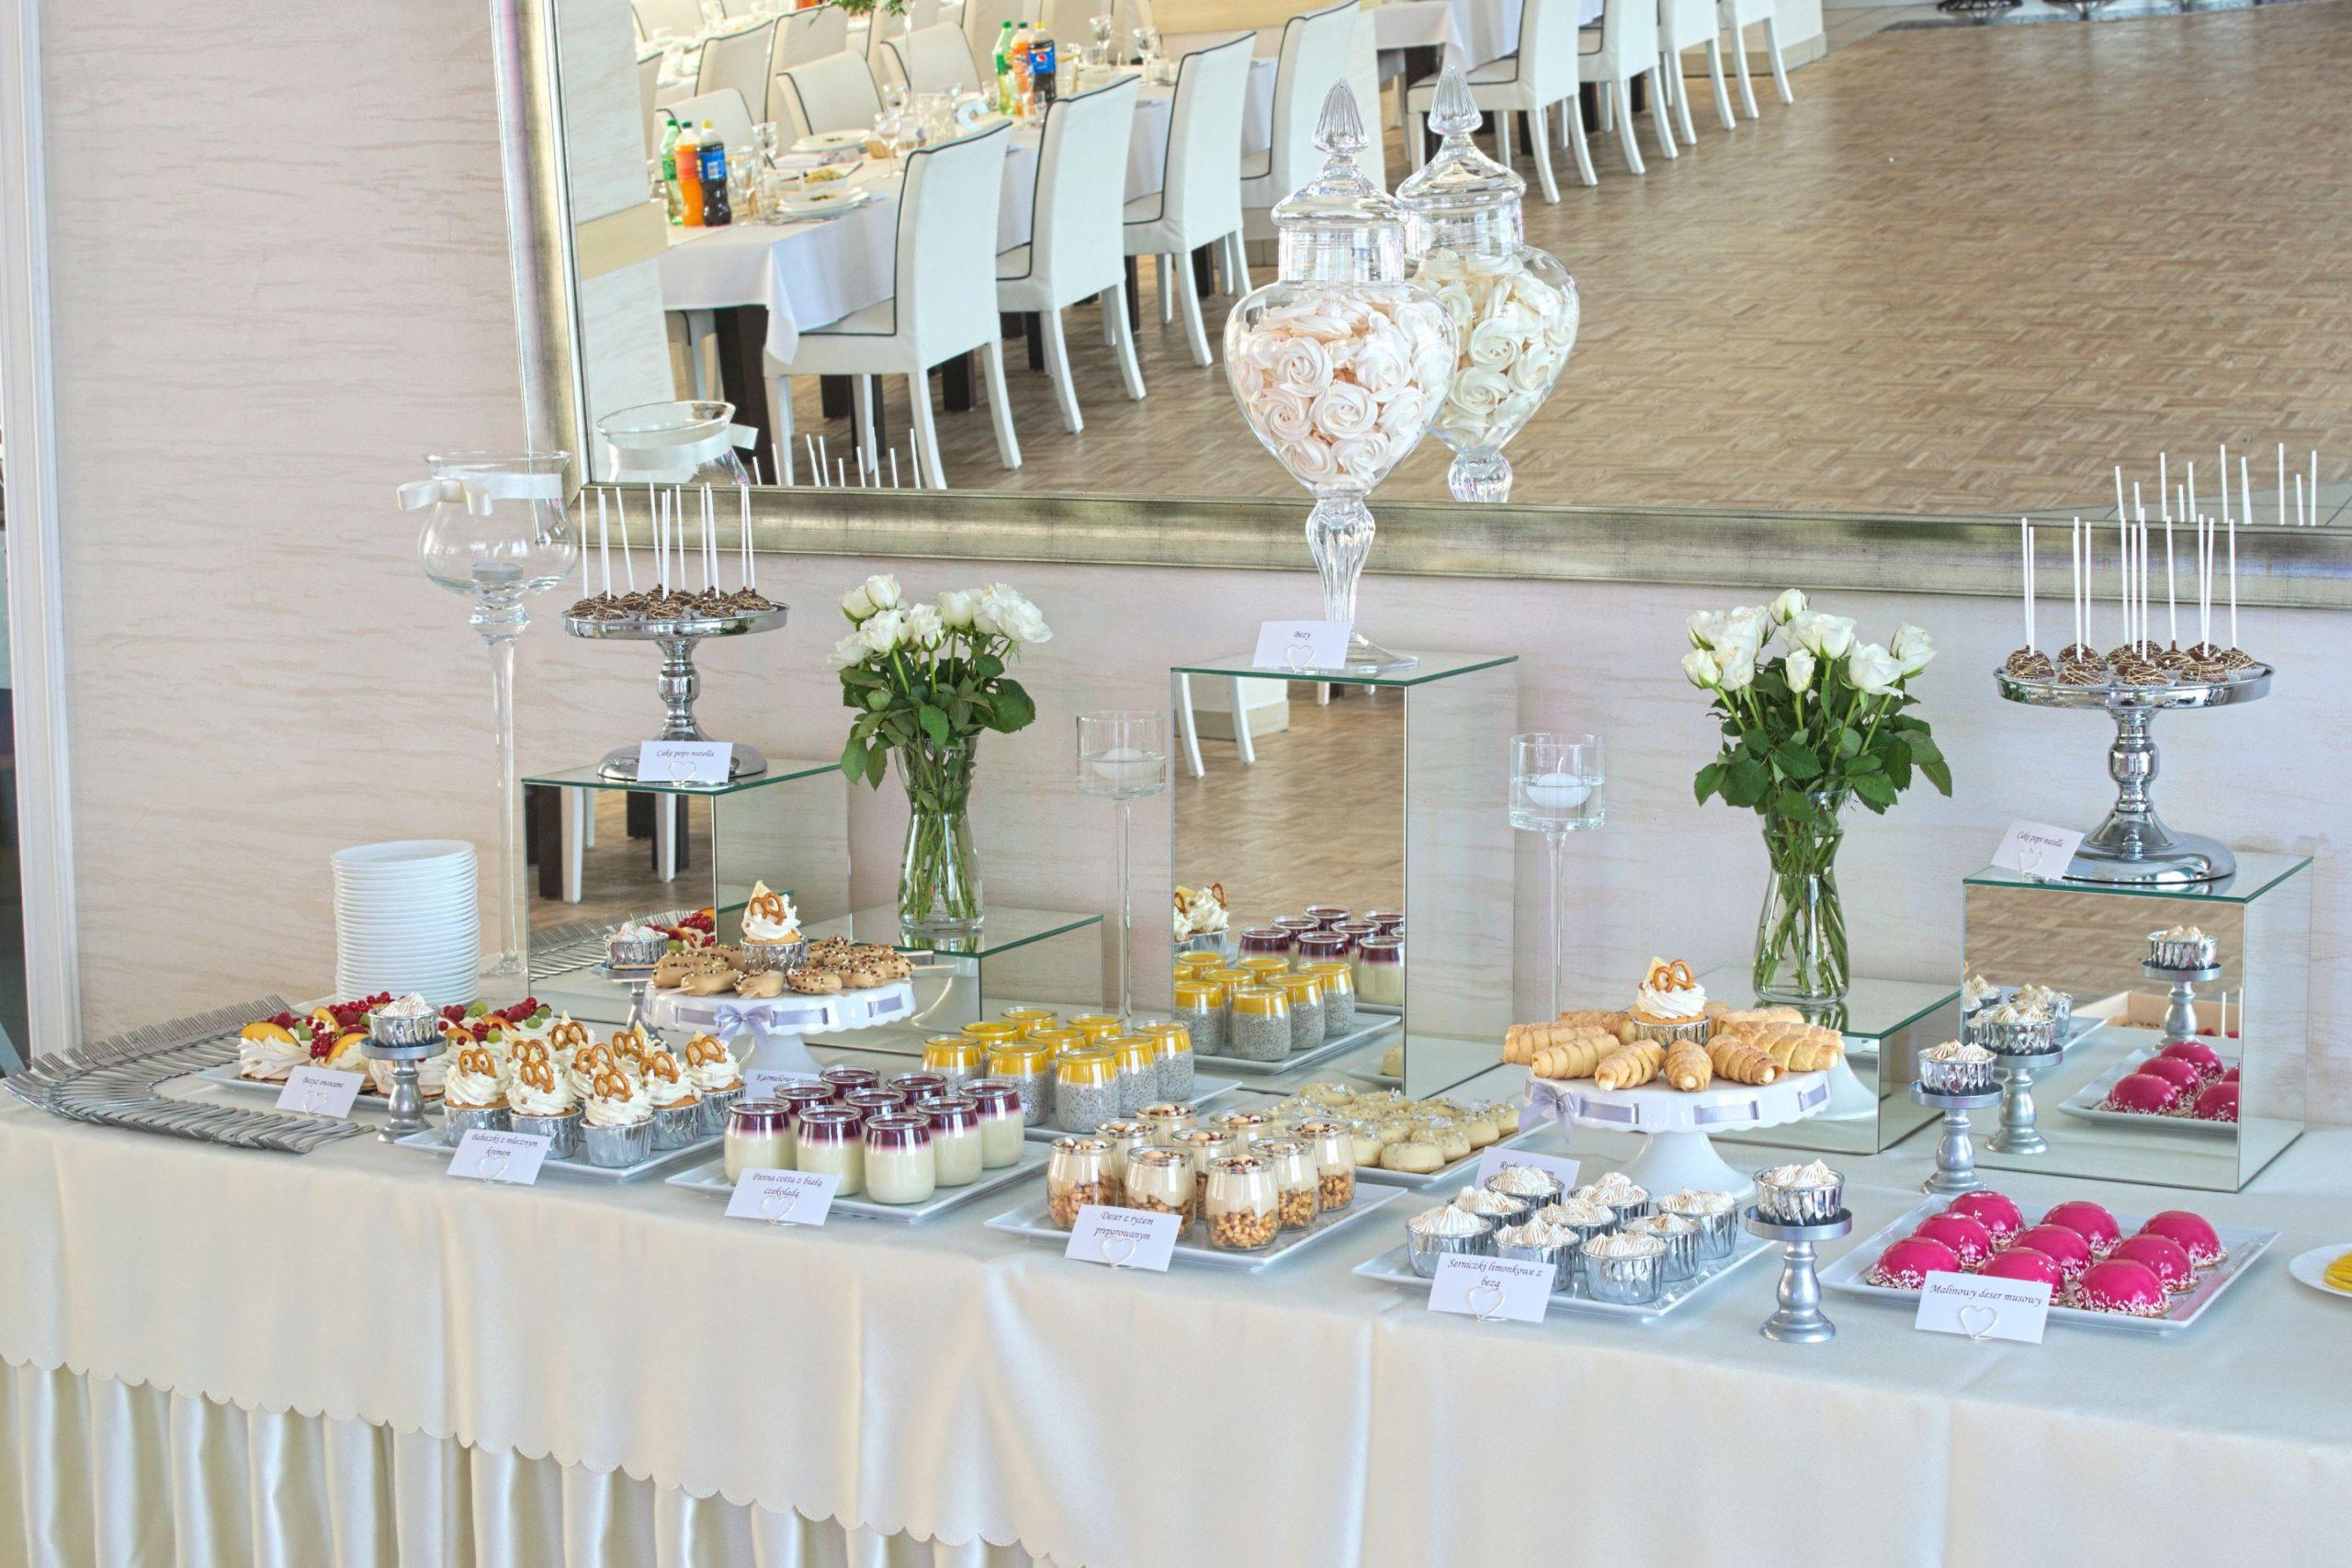 Słodki stół przygotowany na wesele Patrycji i Filipa